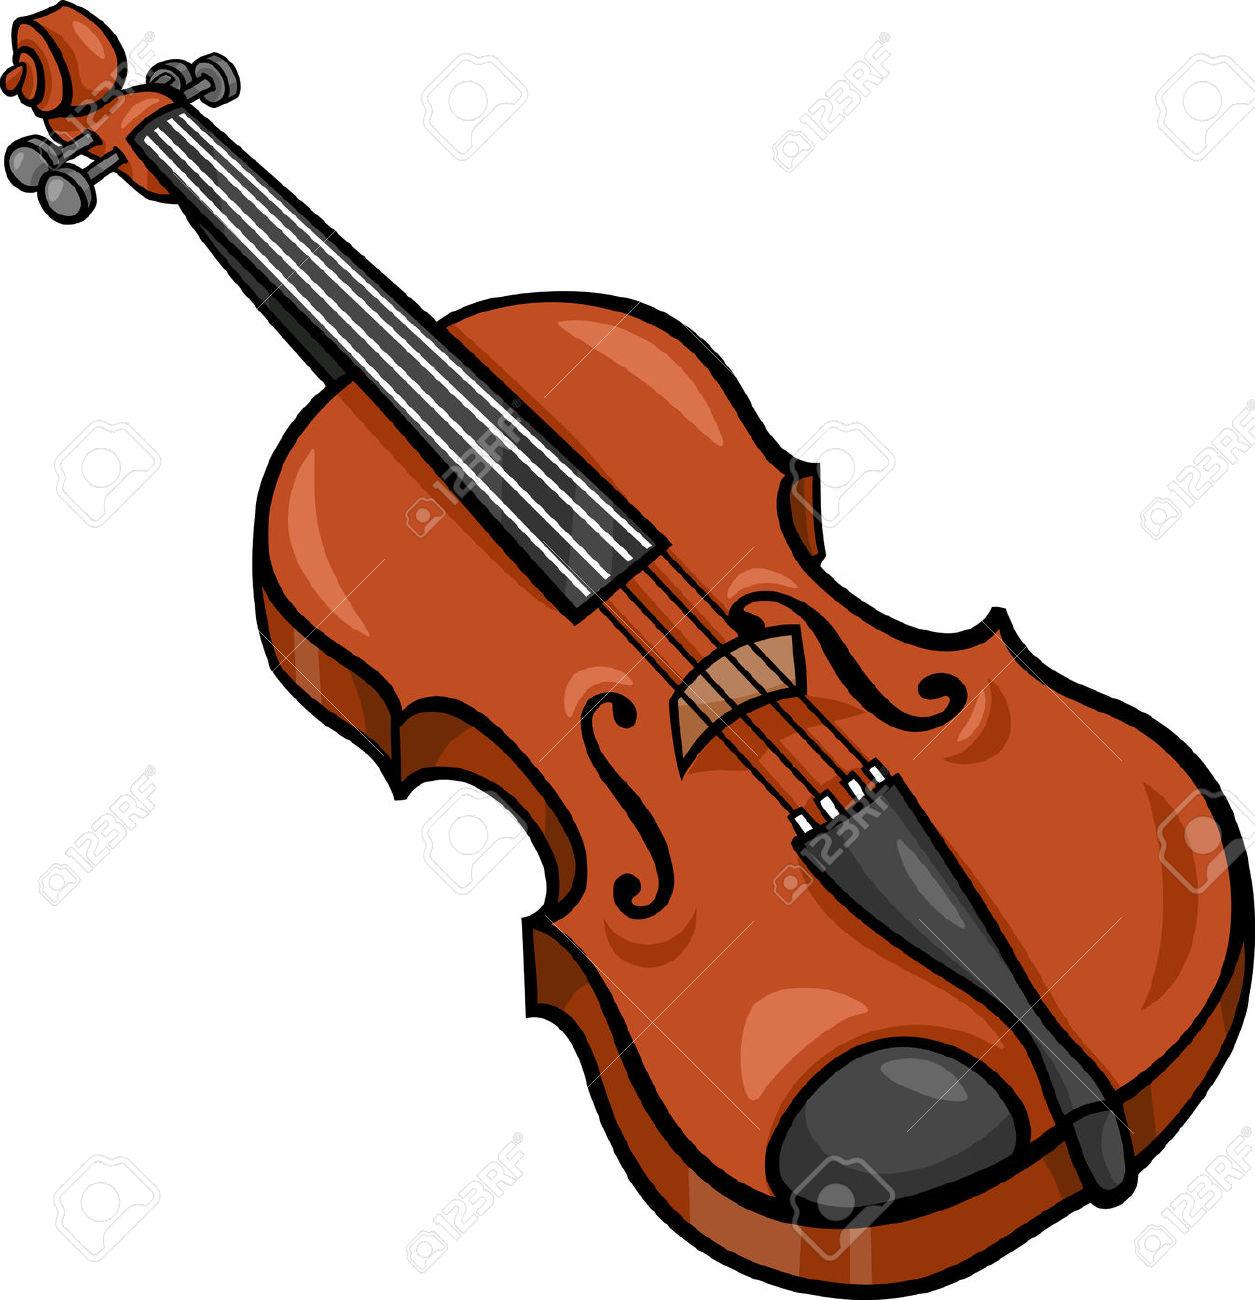 violin: Cartoon Illustration of Violin Musical Instrument Clip Art Illustration